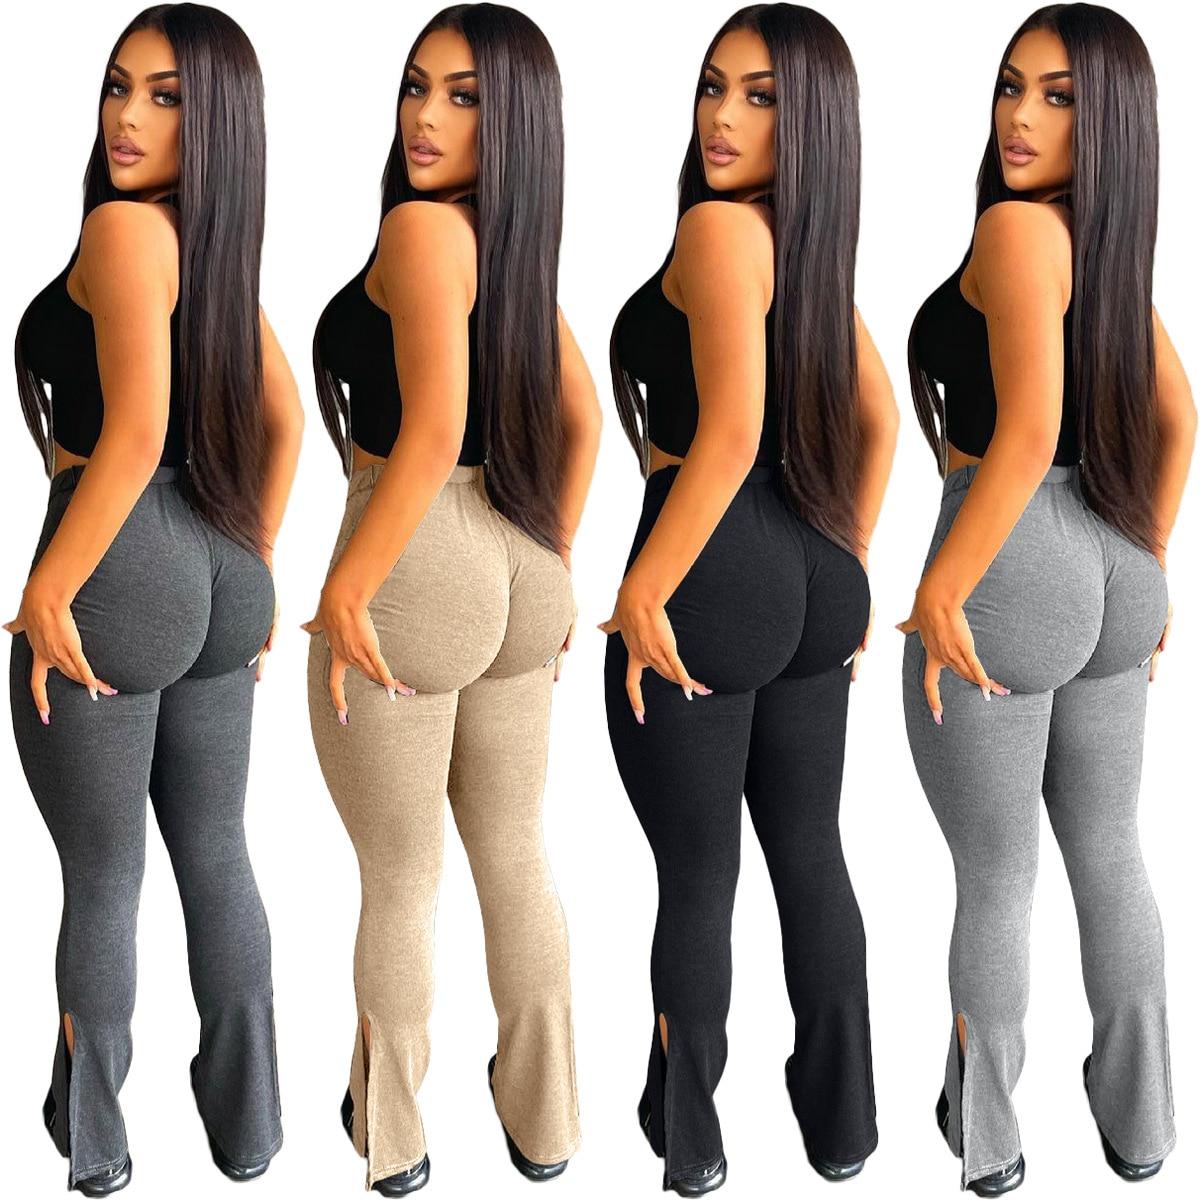 Повседневные женские спортивные штаны джоггеры имеет Стрейчевые штаны с высокой талией для Цвет уличной одежды, комплект летней одежды для...